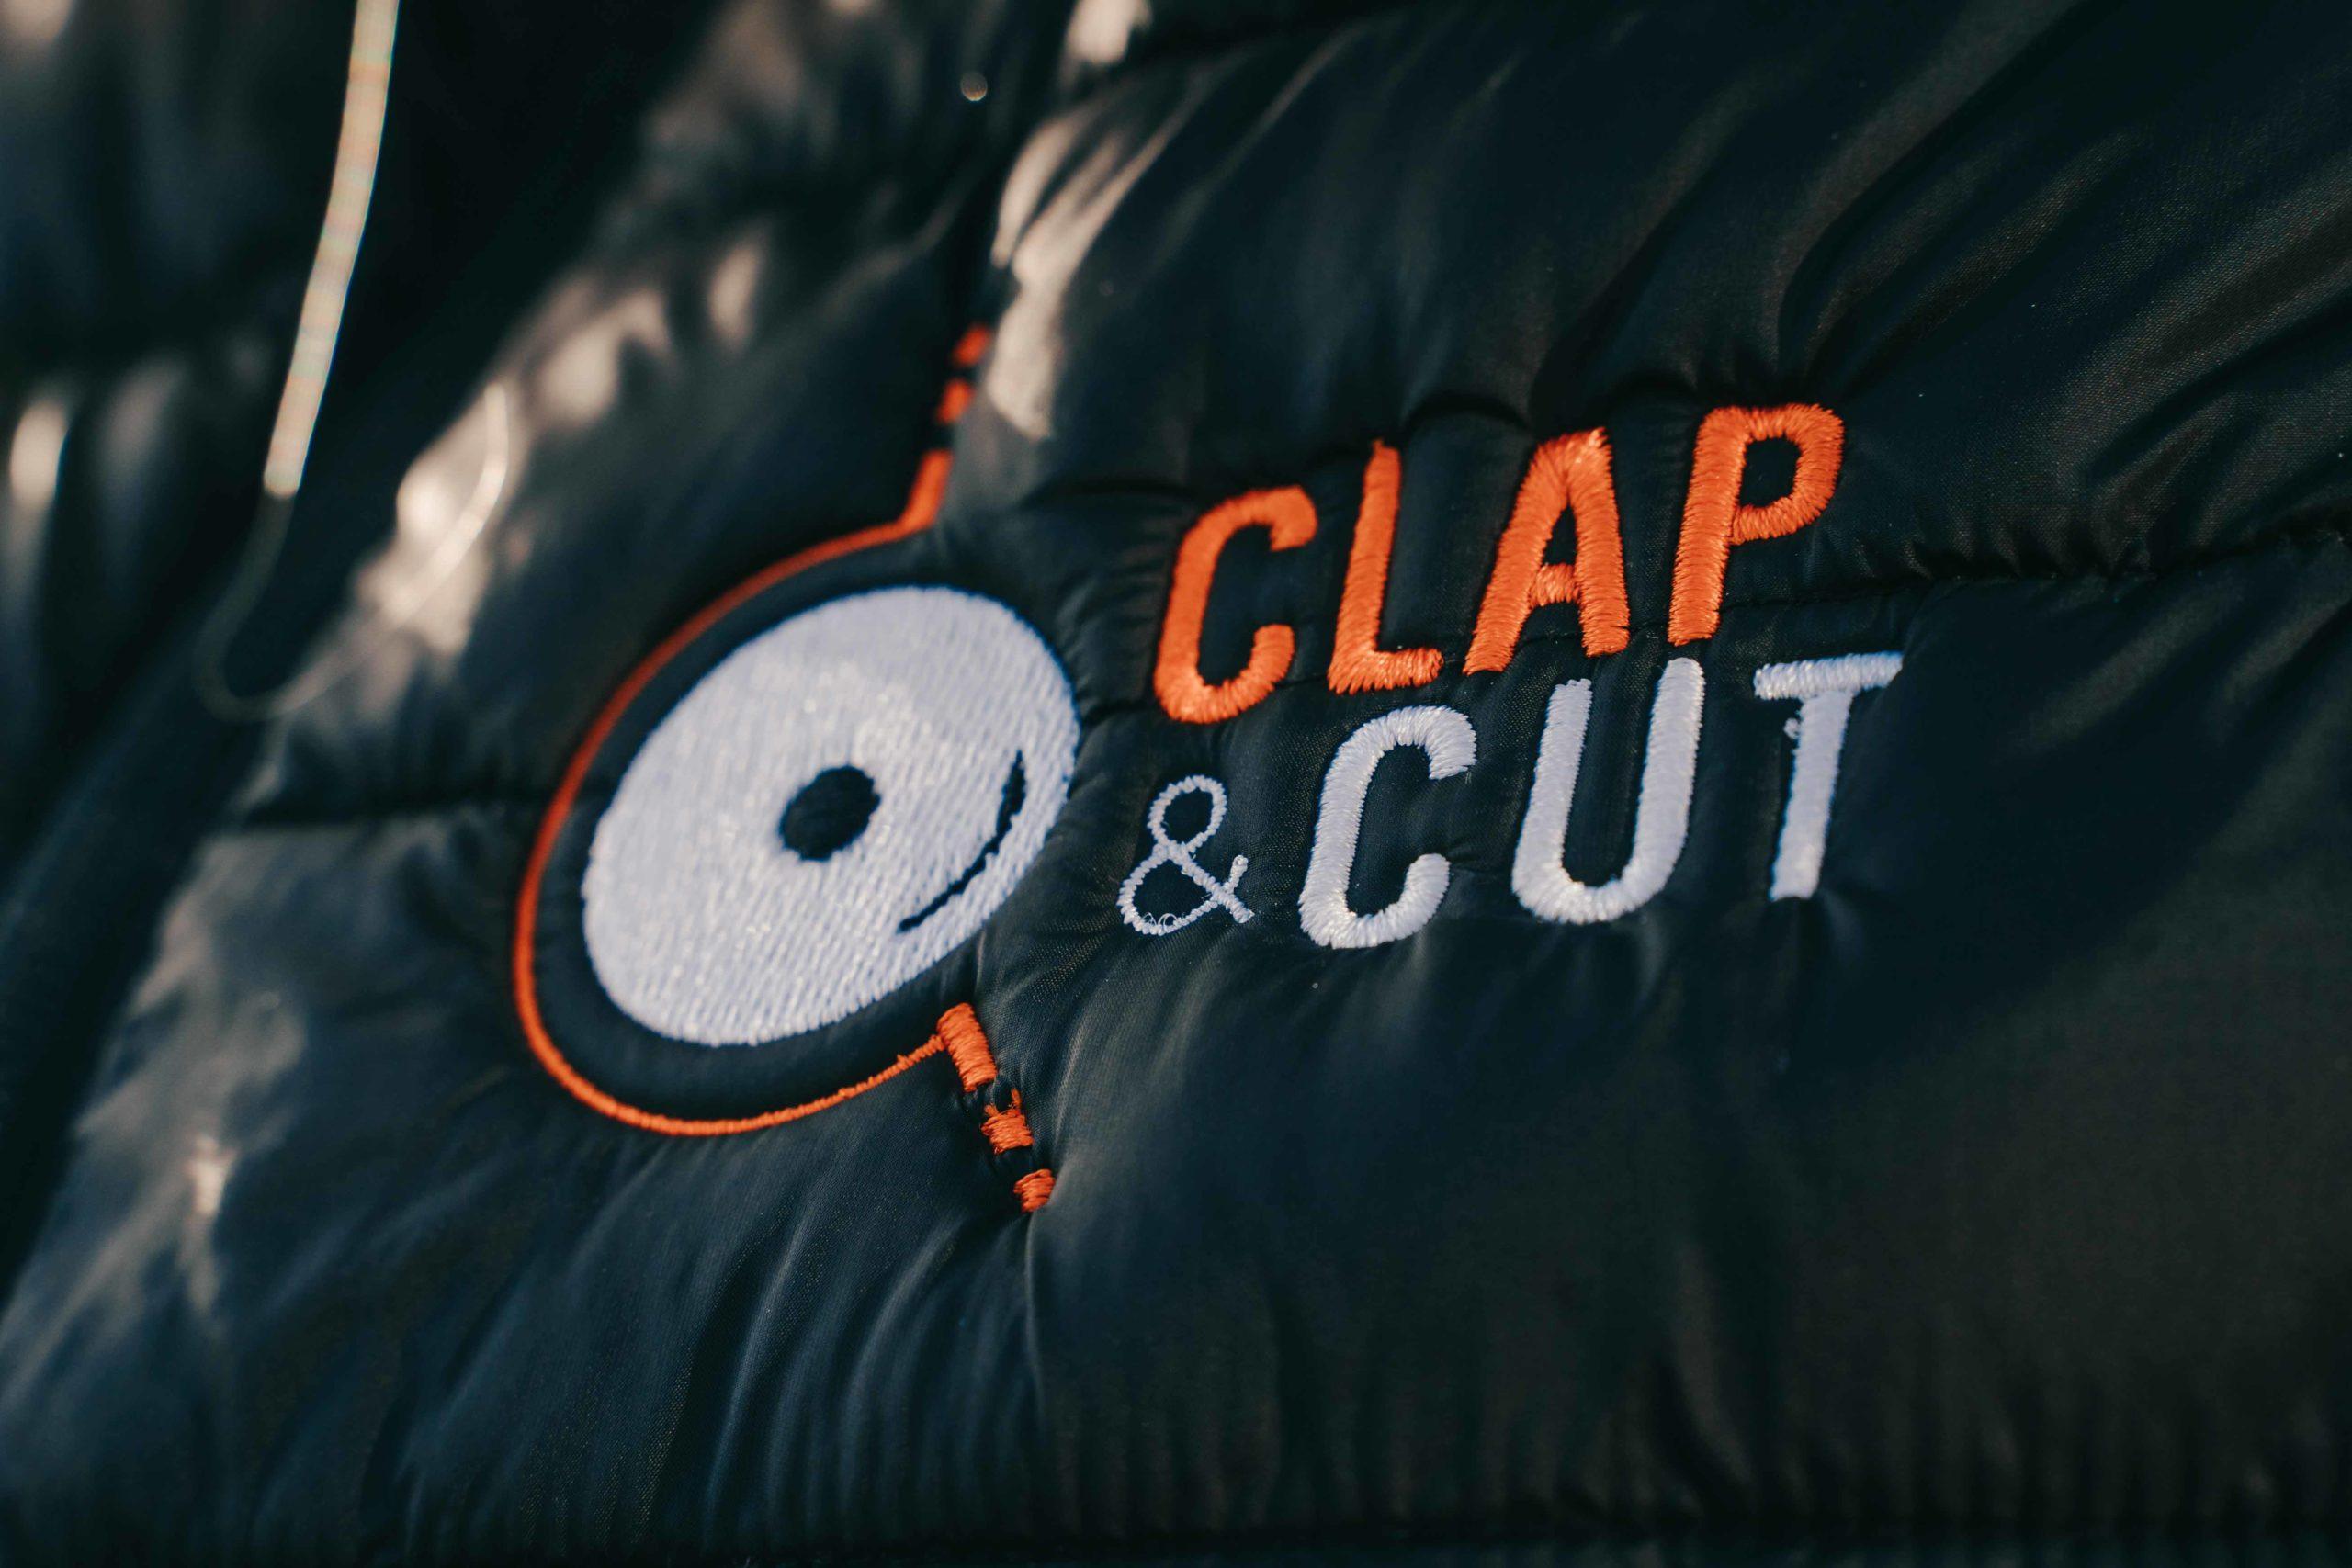 Clap&Cut-brand3